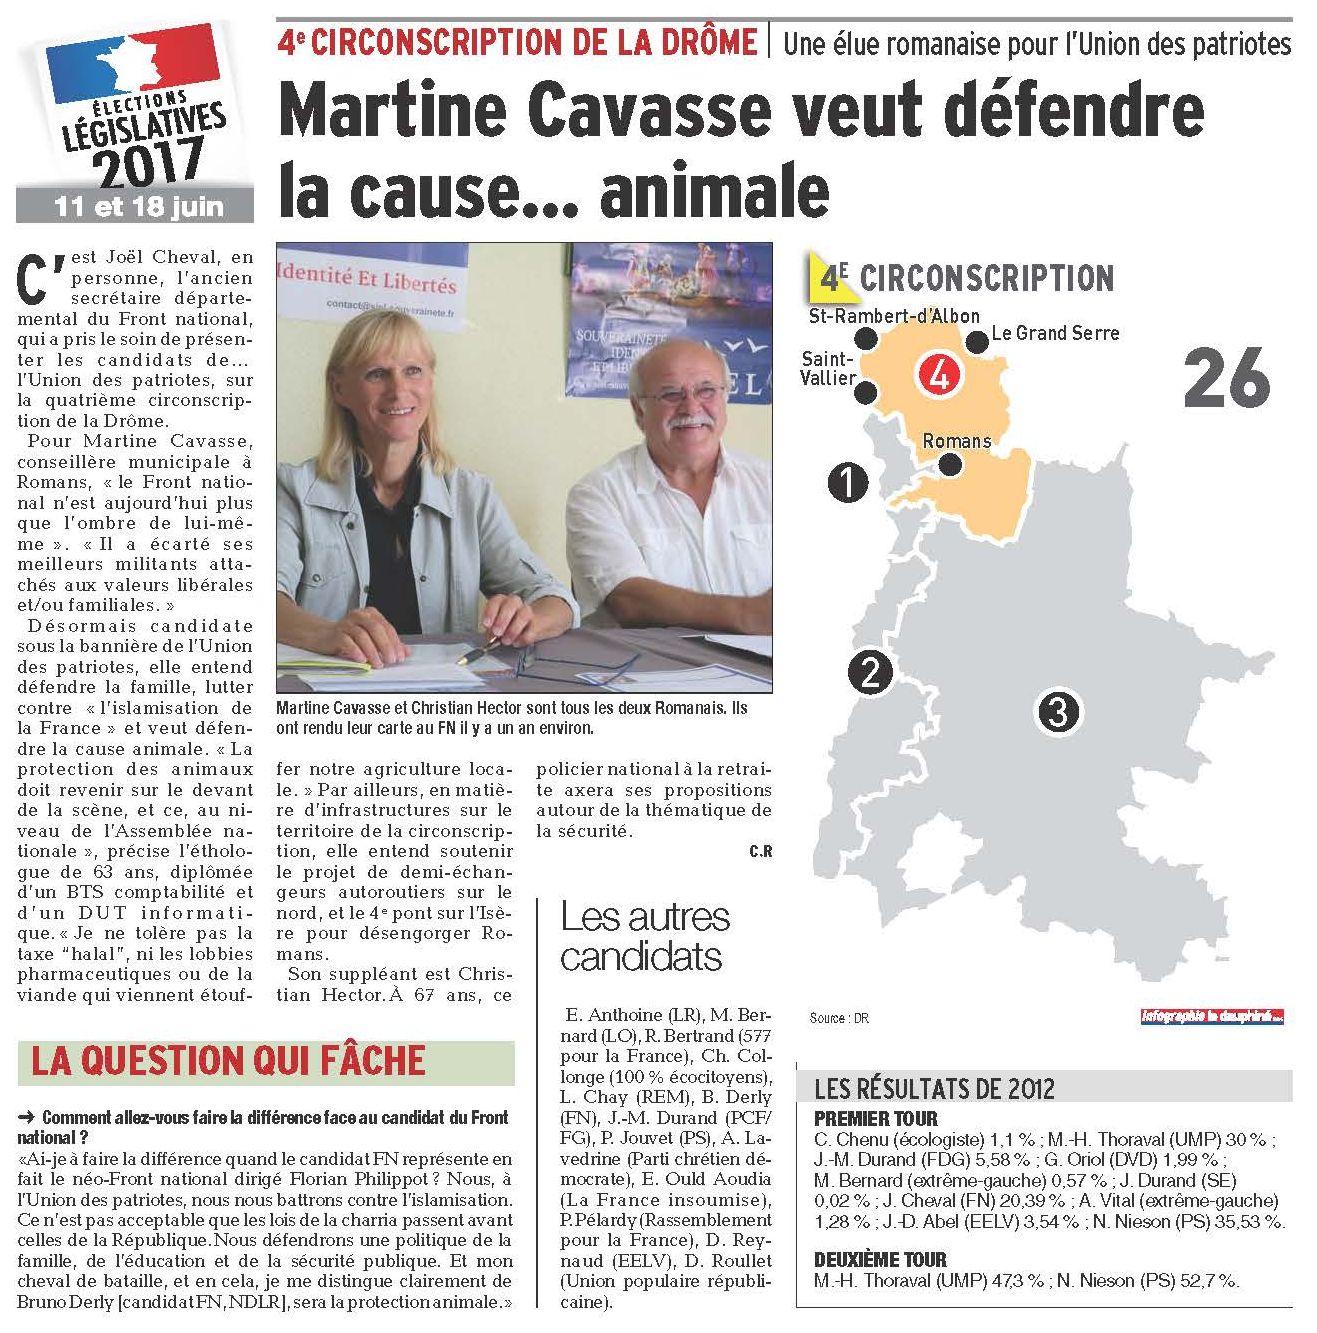 Dl 20170531 page 6 martine